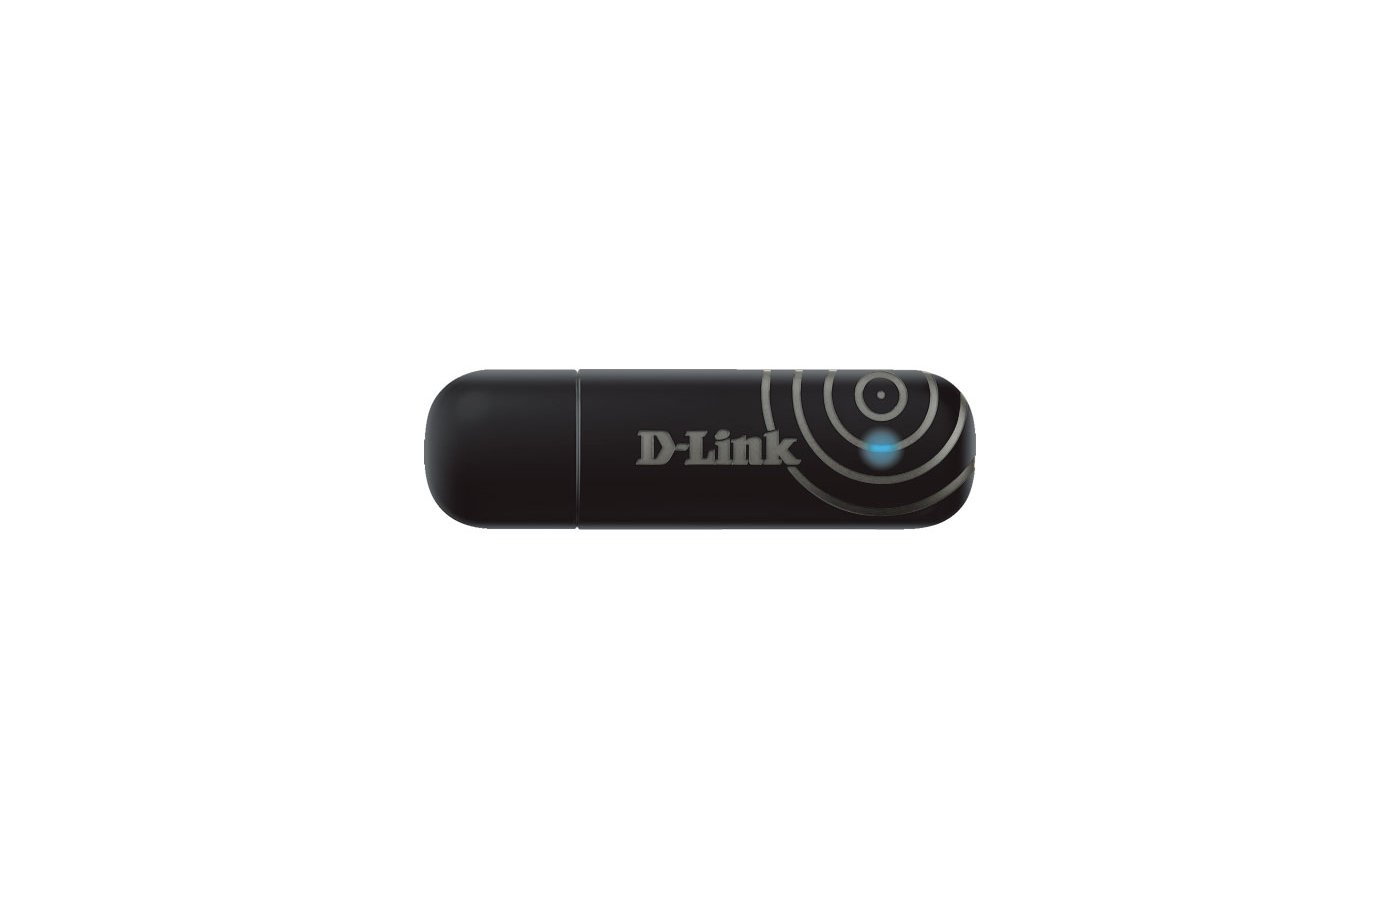 Сетевое оборудование D-Link DWA-140 USB адаптер